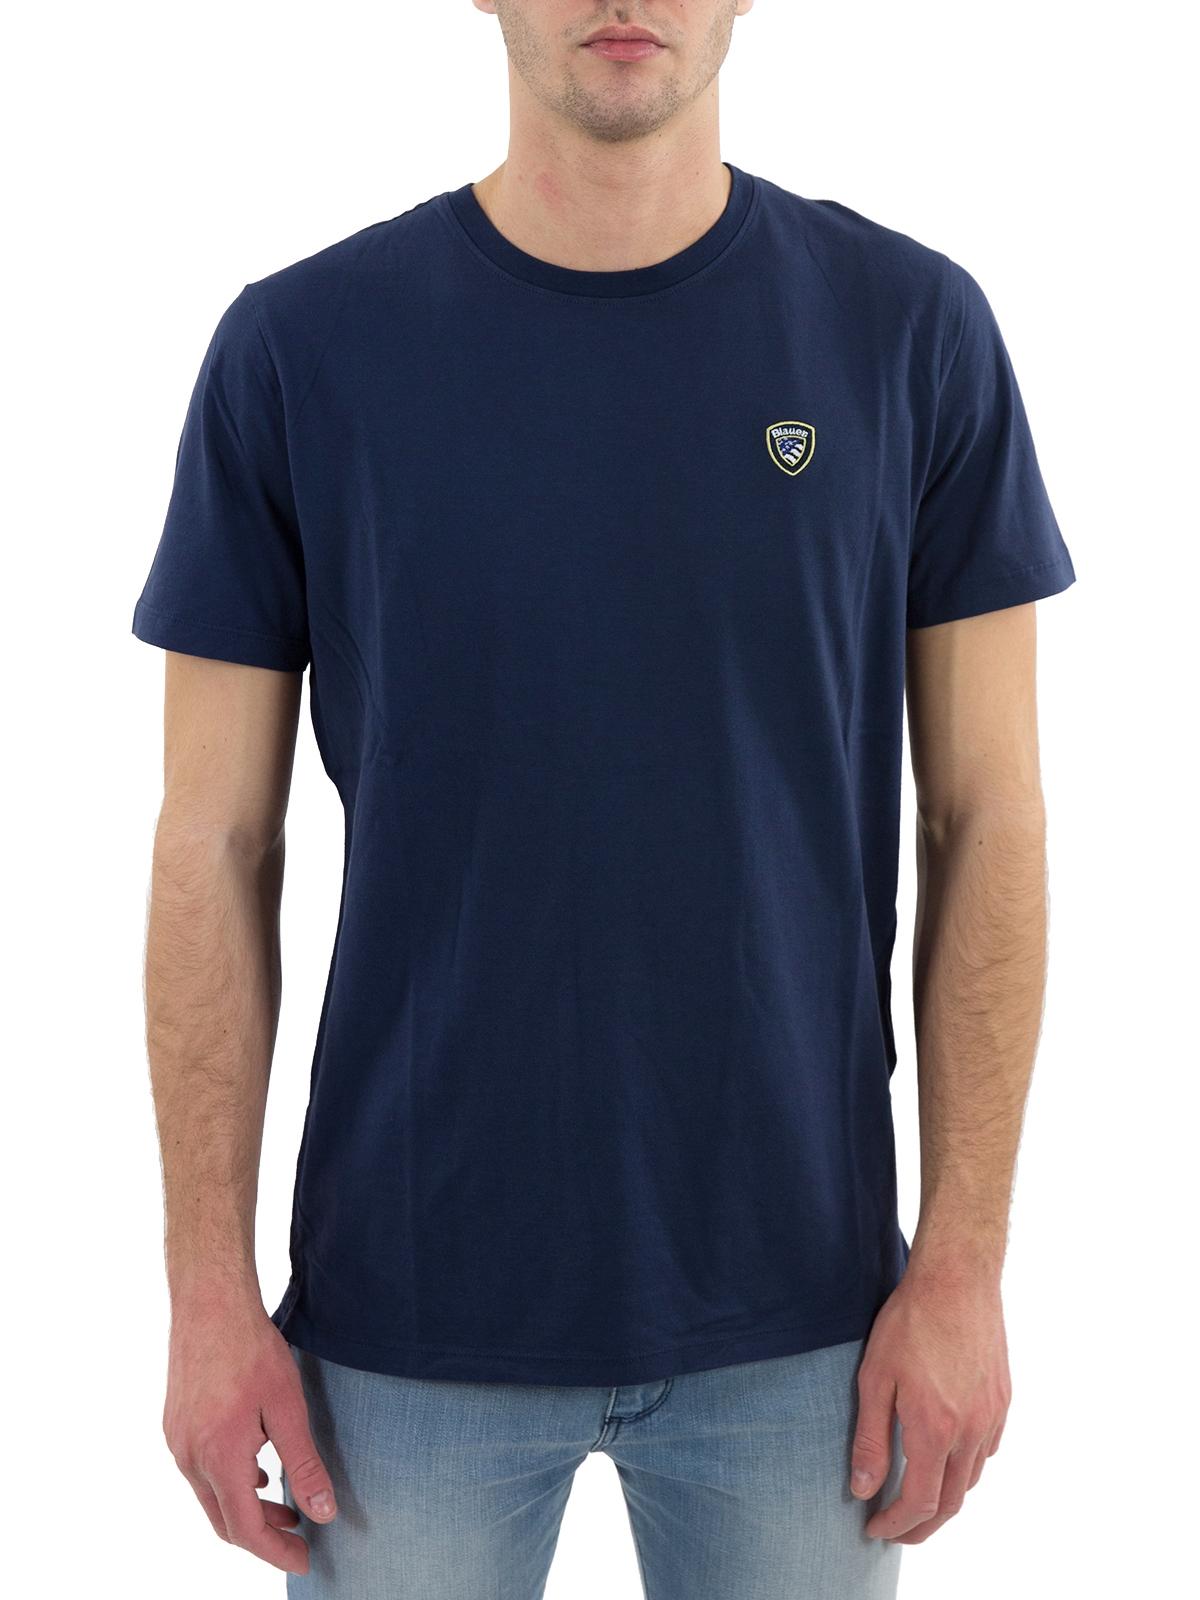 Blauer T-Shirt 19SBLUH02134 005273